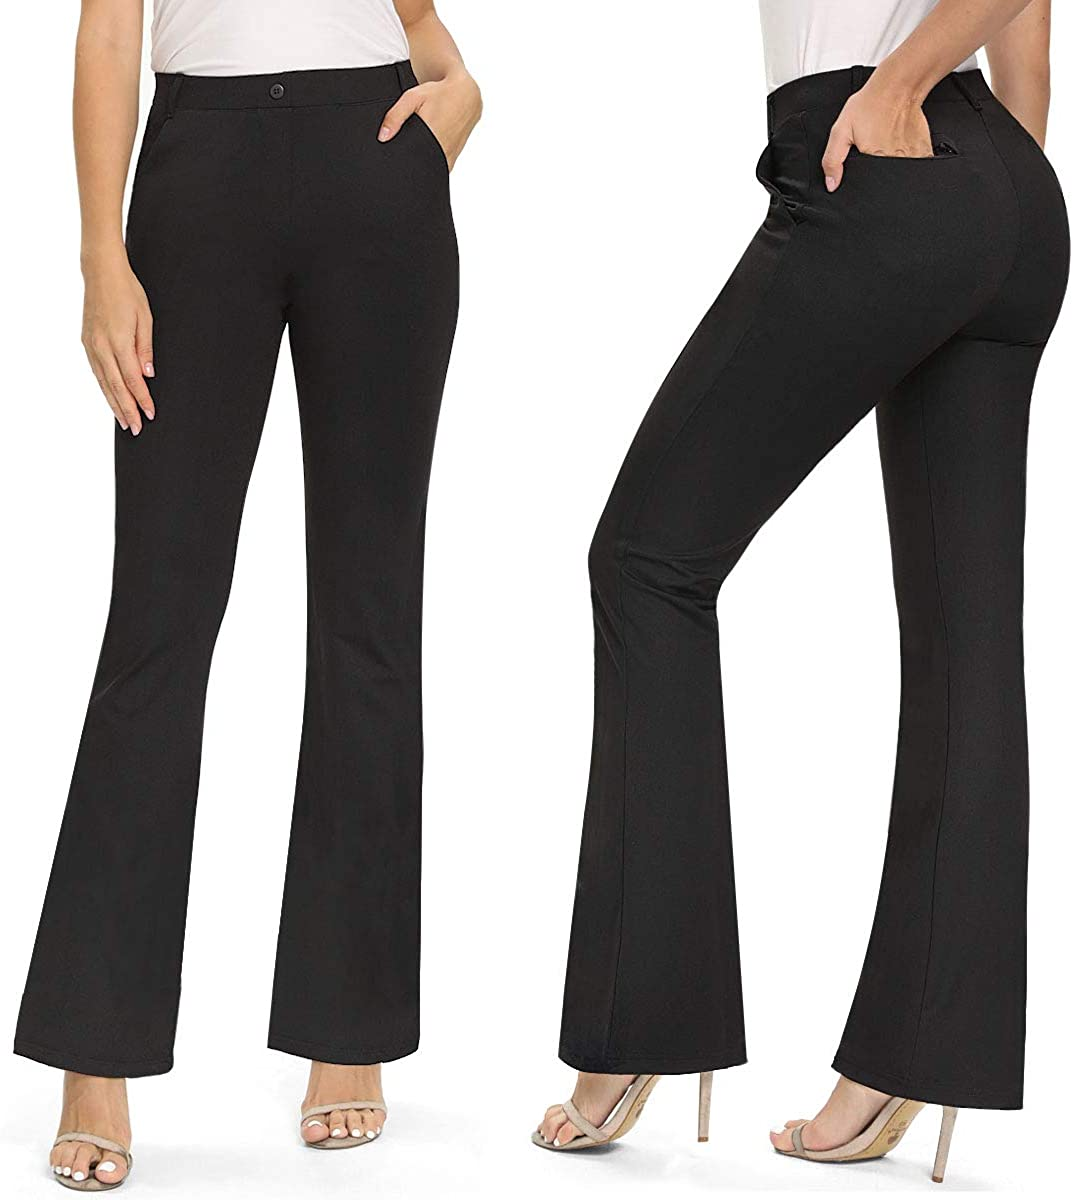 NICEWIN Womens Yoga shop Manufacturer OFFicial shop Dress Pants Flare Bootcut Bootleg